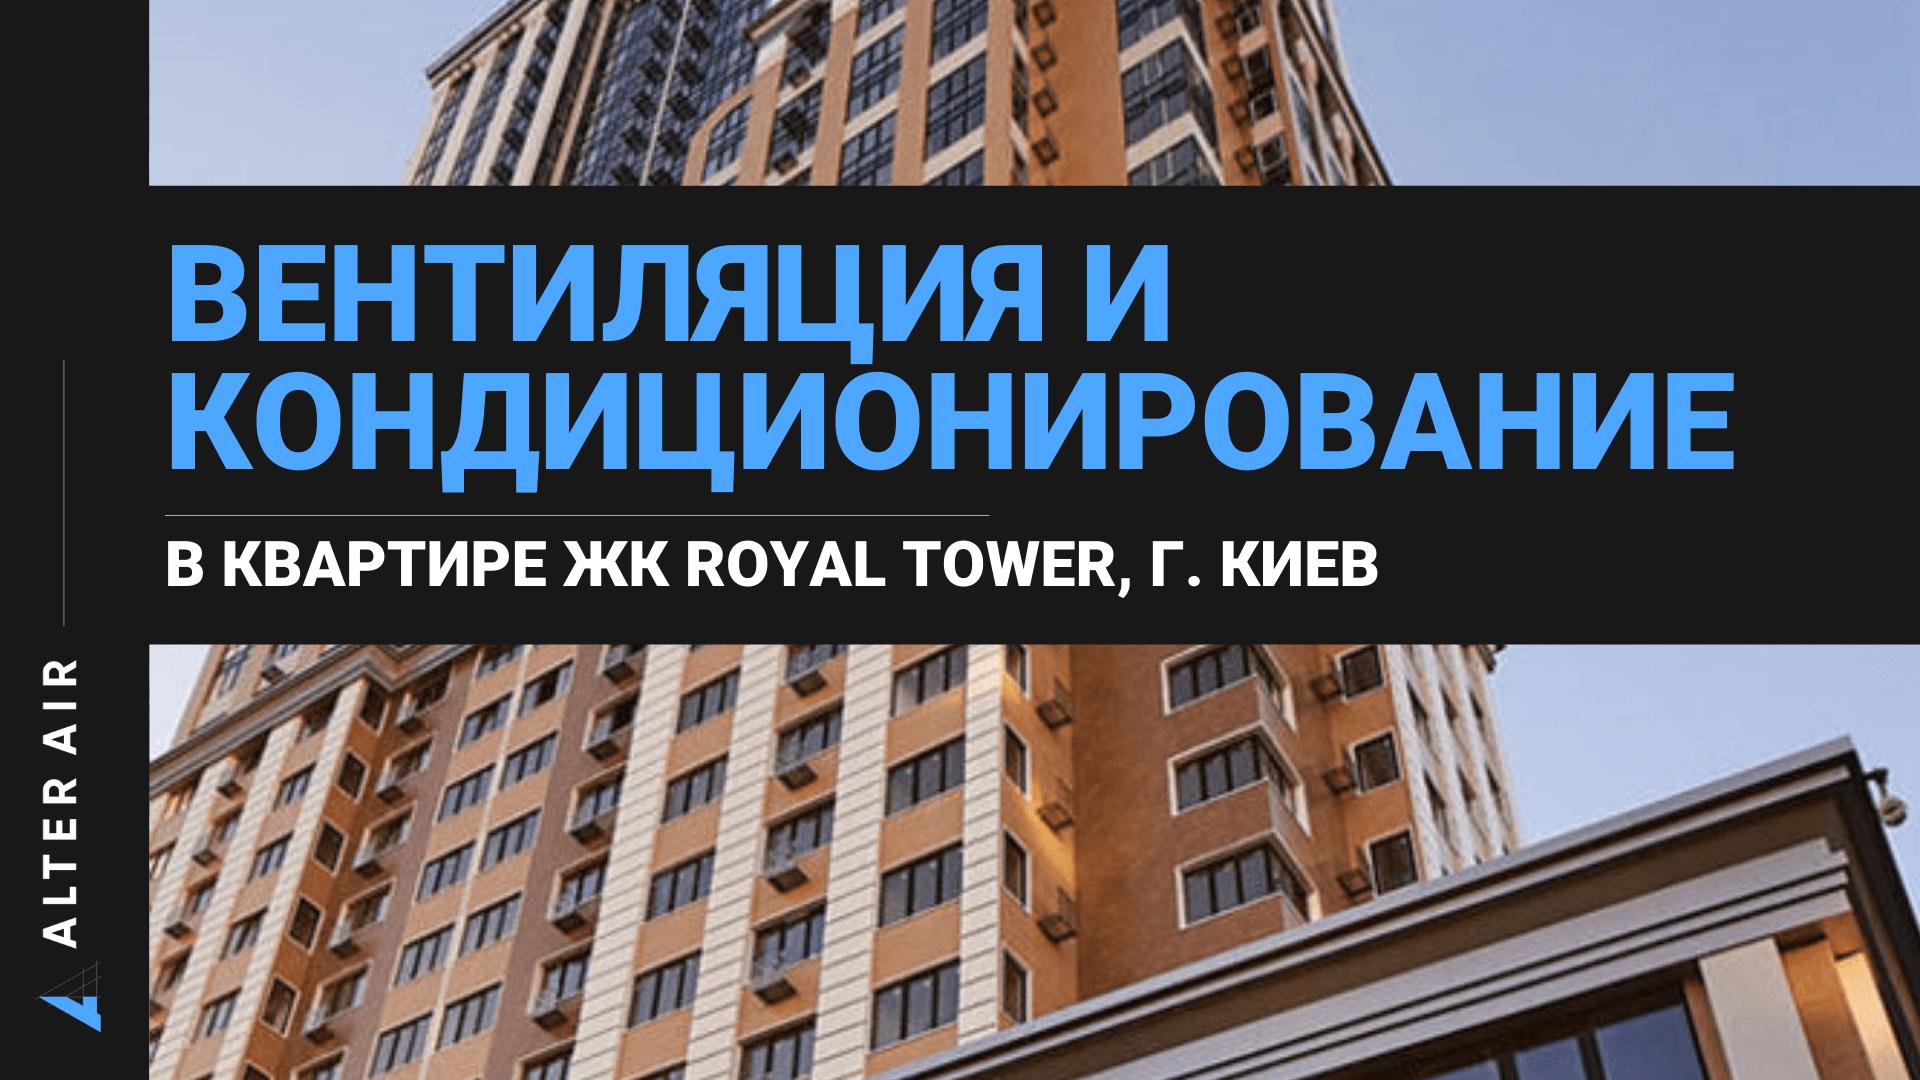 Объект систем вентиляции и кондиционирования (на базе Daikin FDXS и FBQ) в квартире ЖК Royal Tower